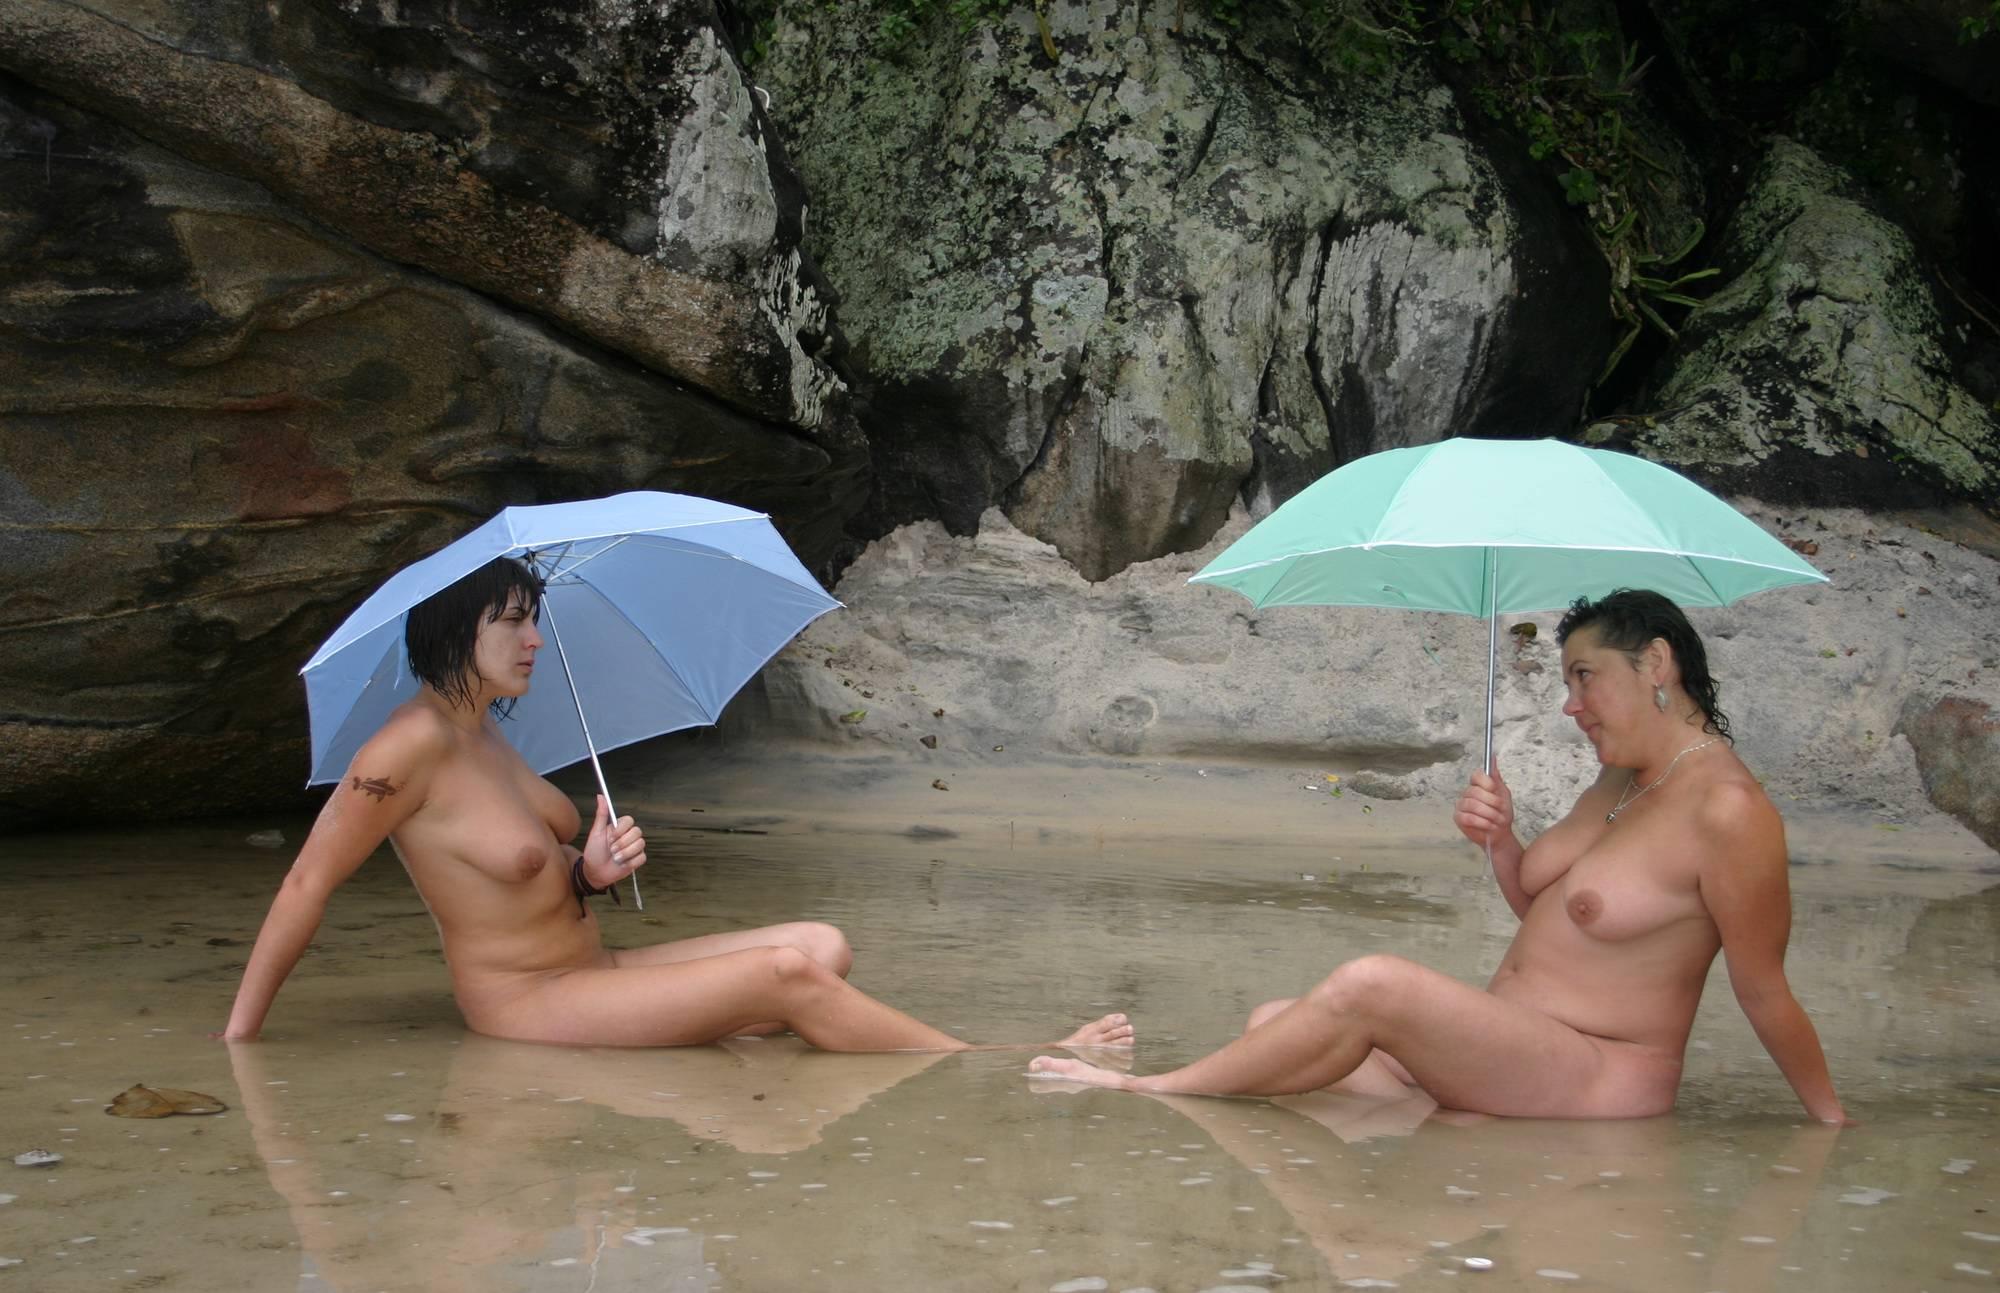 Brazilian Umbrella Profiles - 2